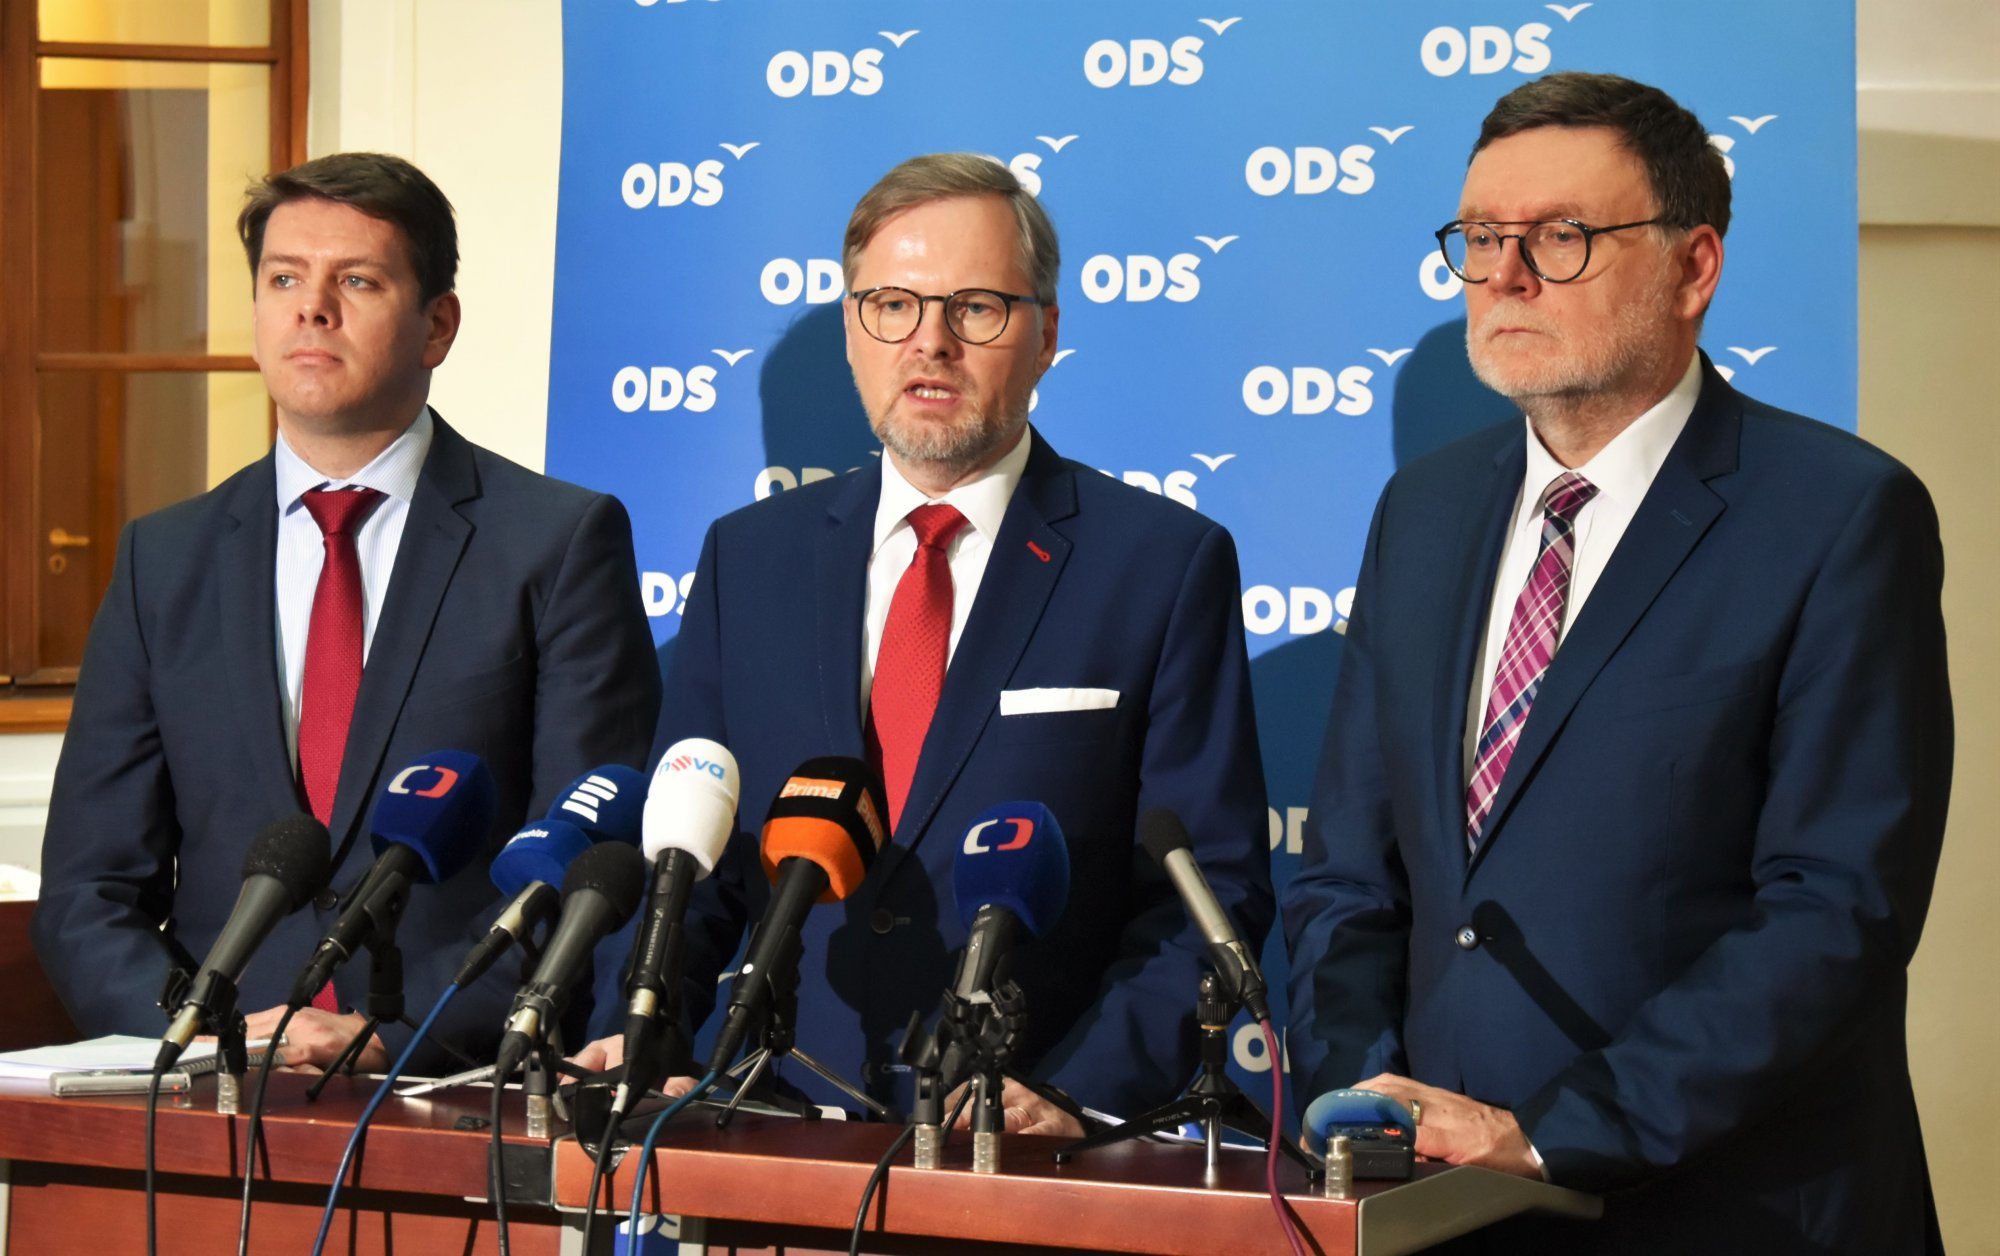 ODS: Předkládáme konkrétní ekonomická opatření, která pomohou lidem, podnikatelům i firmám